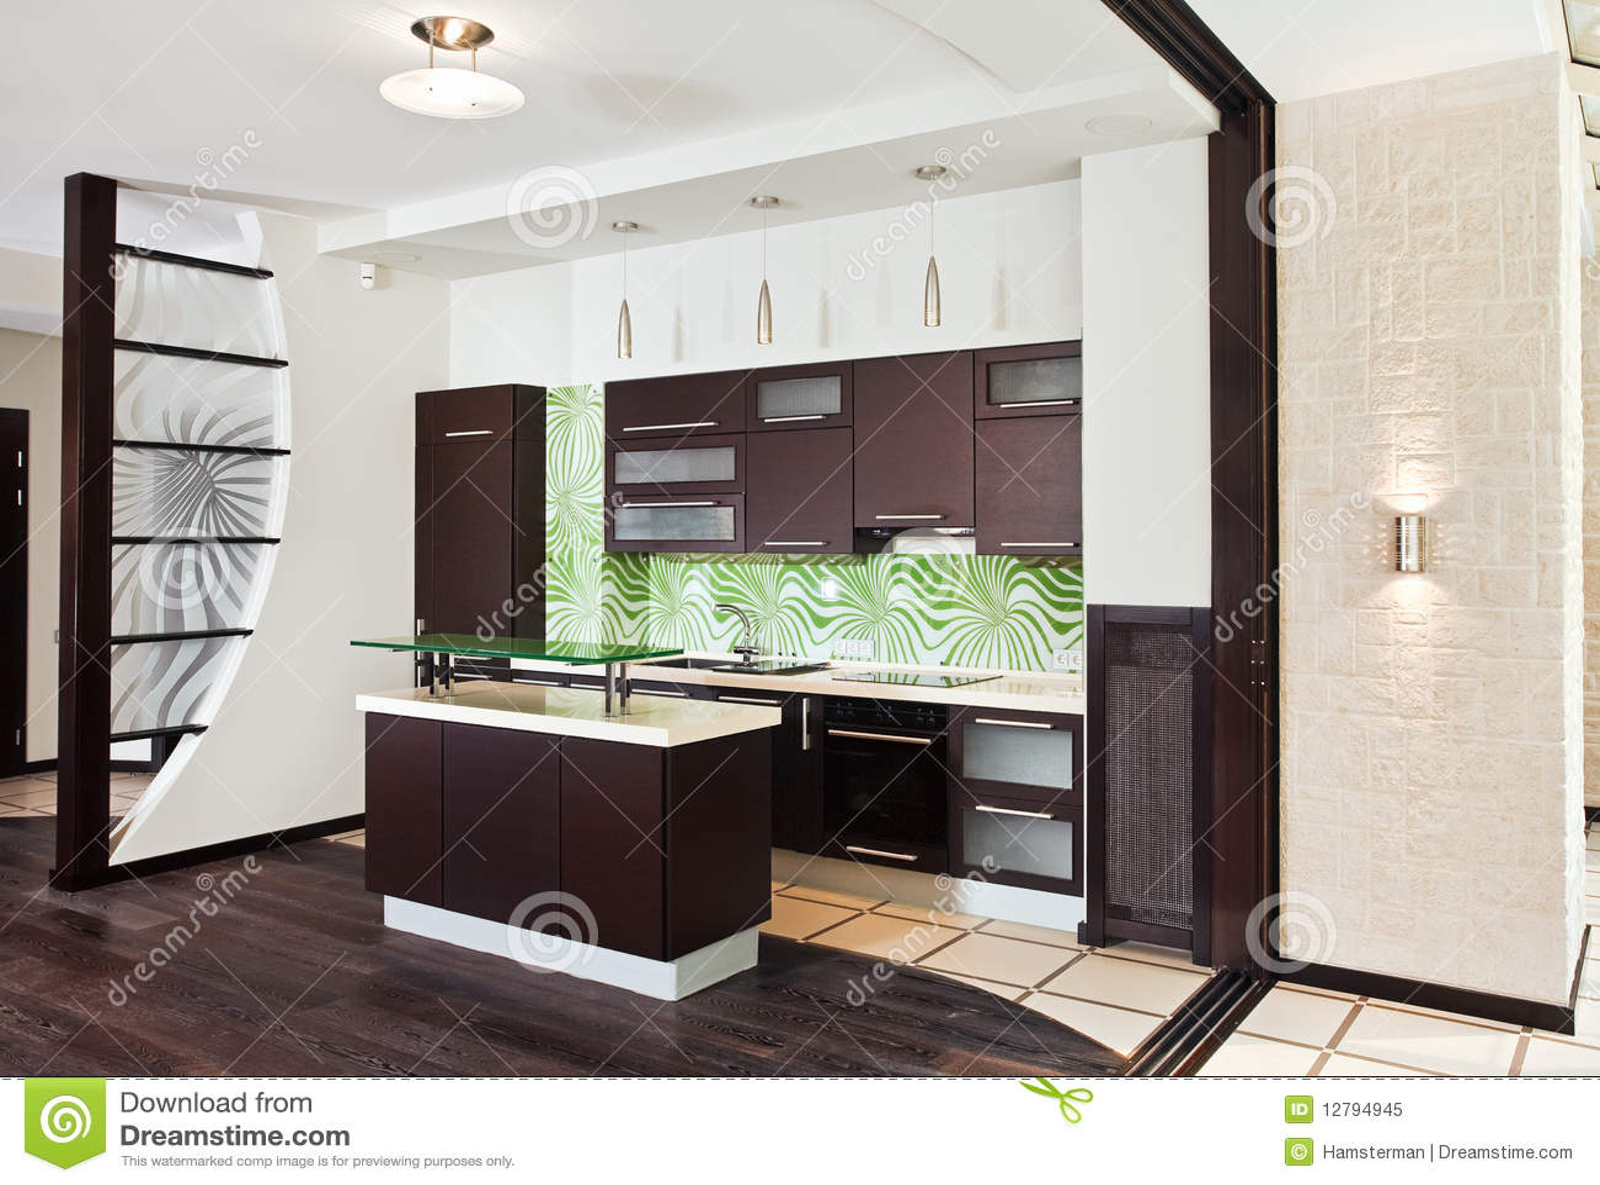 Pavimenti cucine moderne cucina moderna settembre - Pavimenti cucina moderna ...